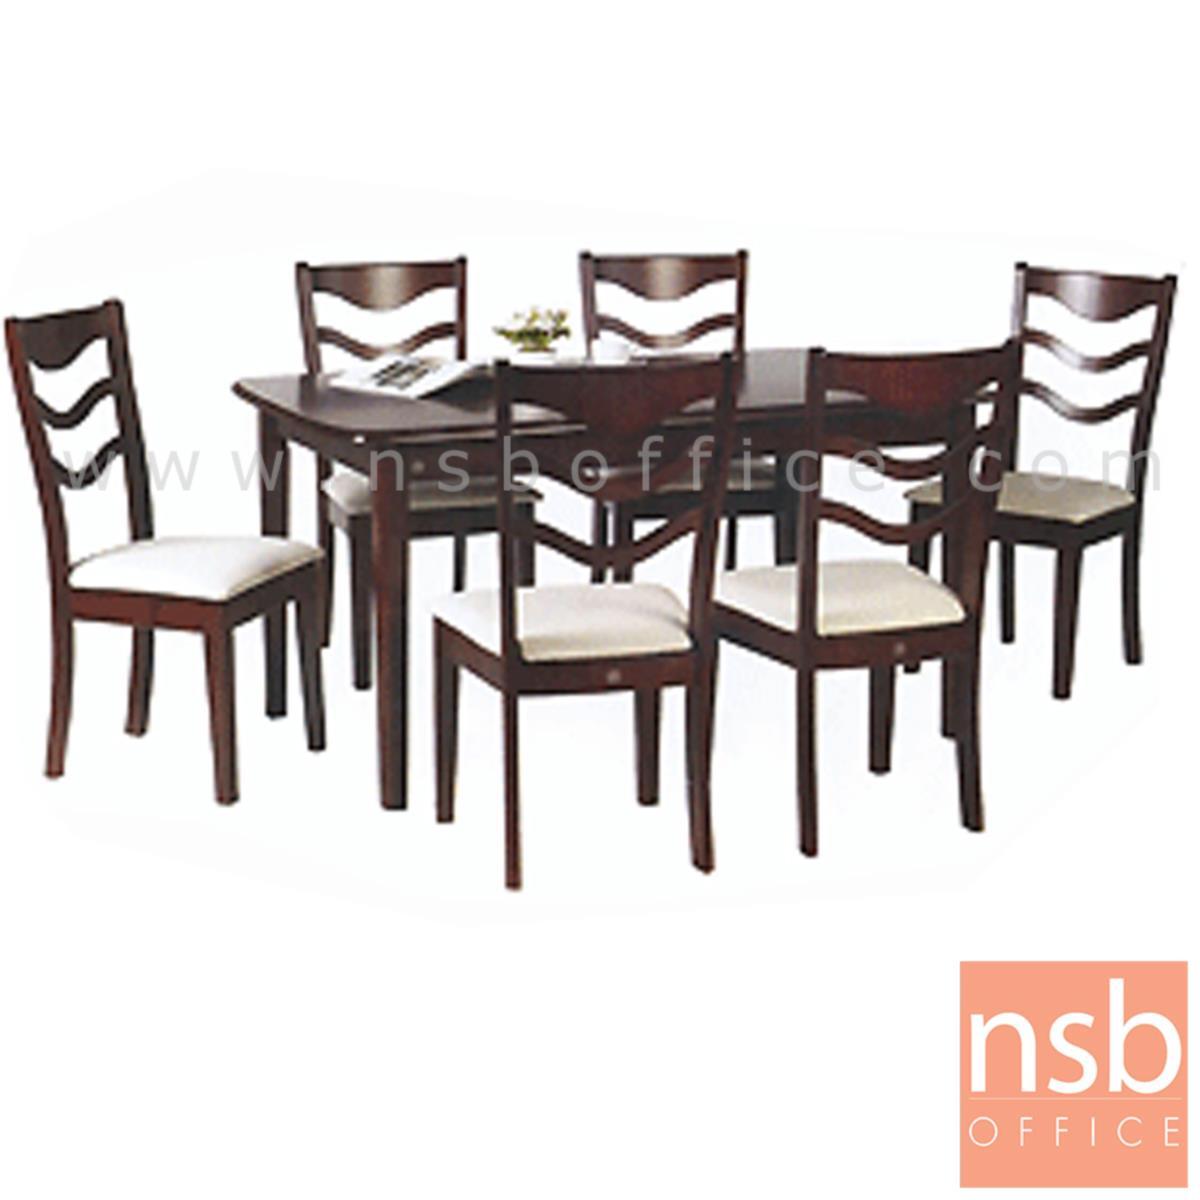 G14A030:ชุดโต๊ะรับประทานอาหารหน้าโฟเมก้าลายไม้ 6 ที่นั่ง รุ่น SUNNY-19 ขนาด 150W cm. พร้อมเก้าอี้